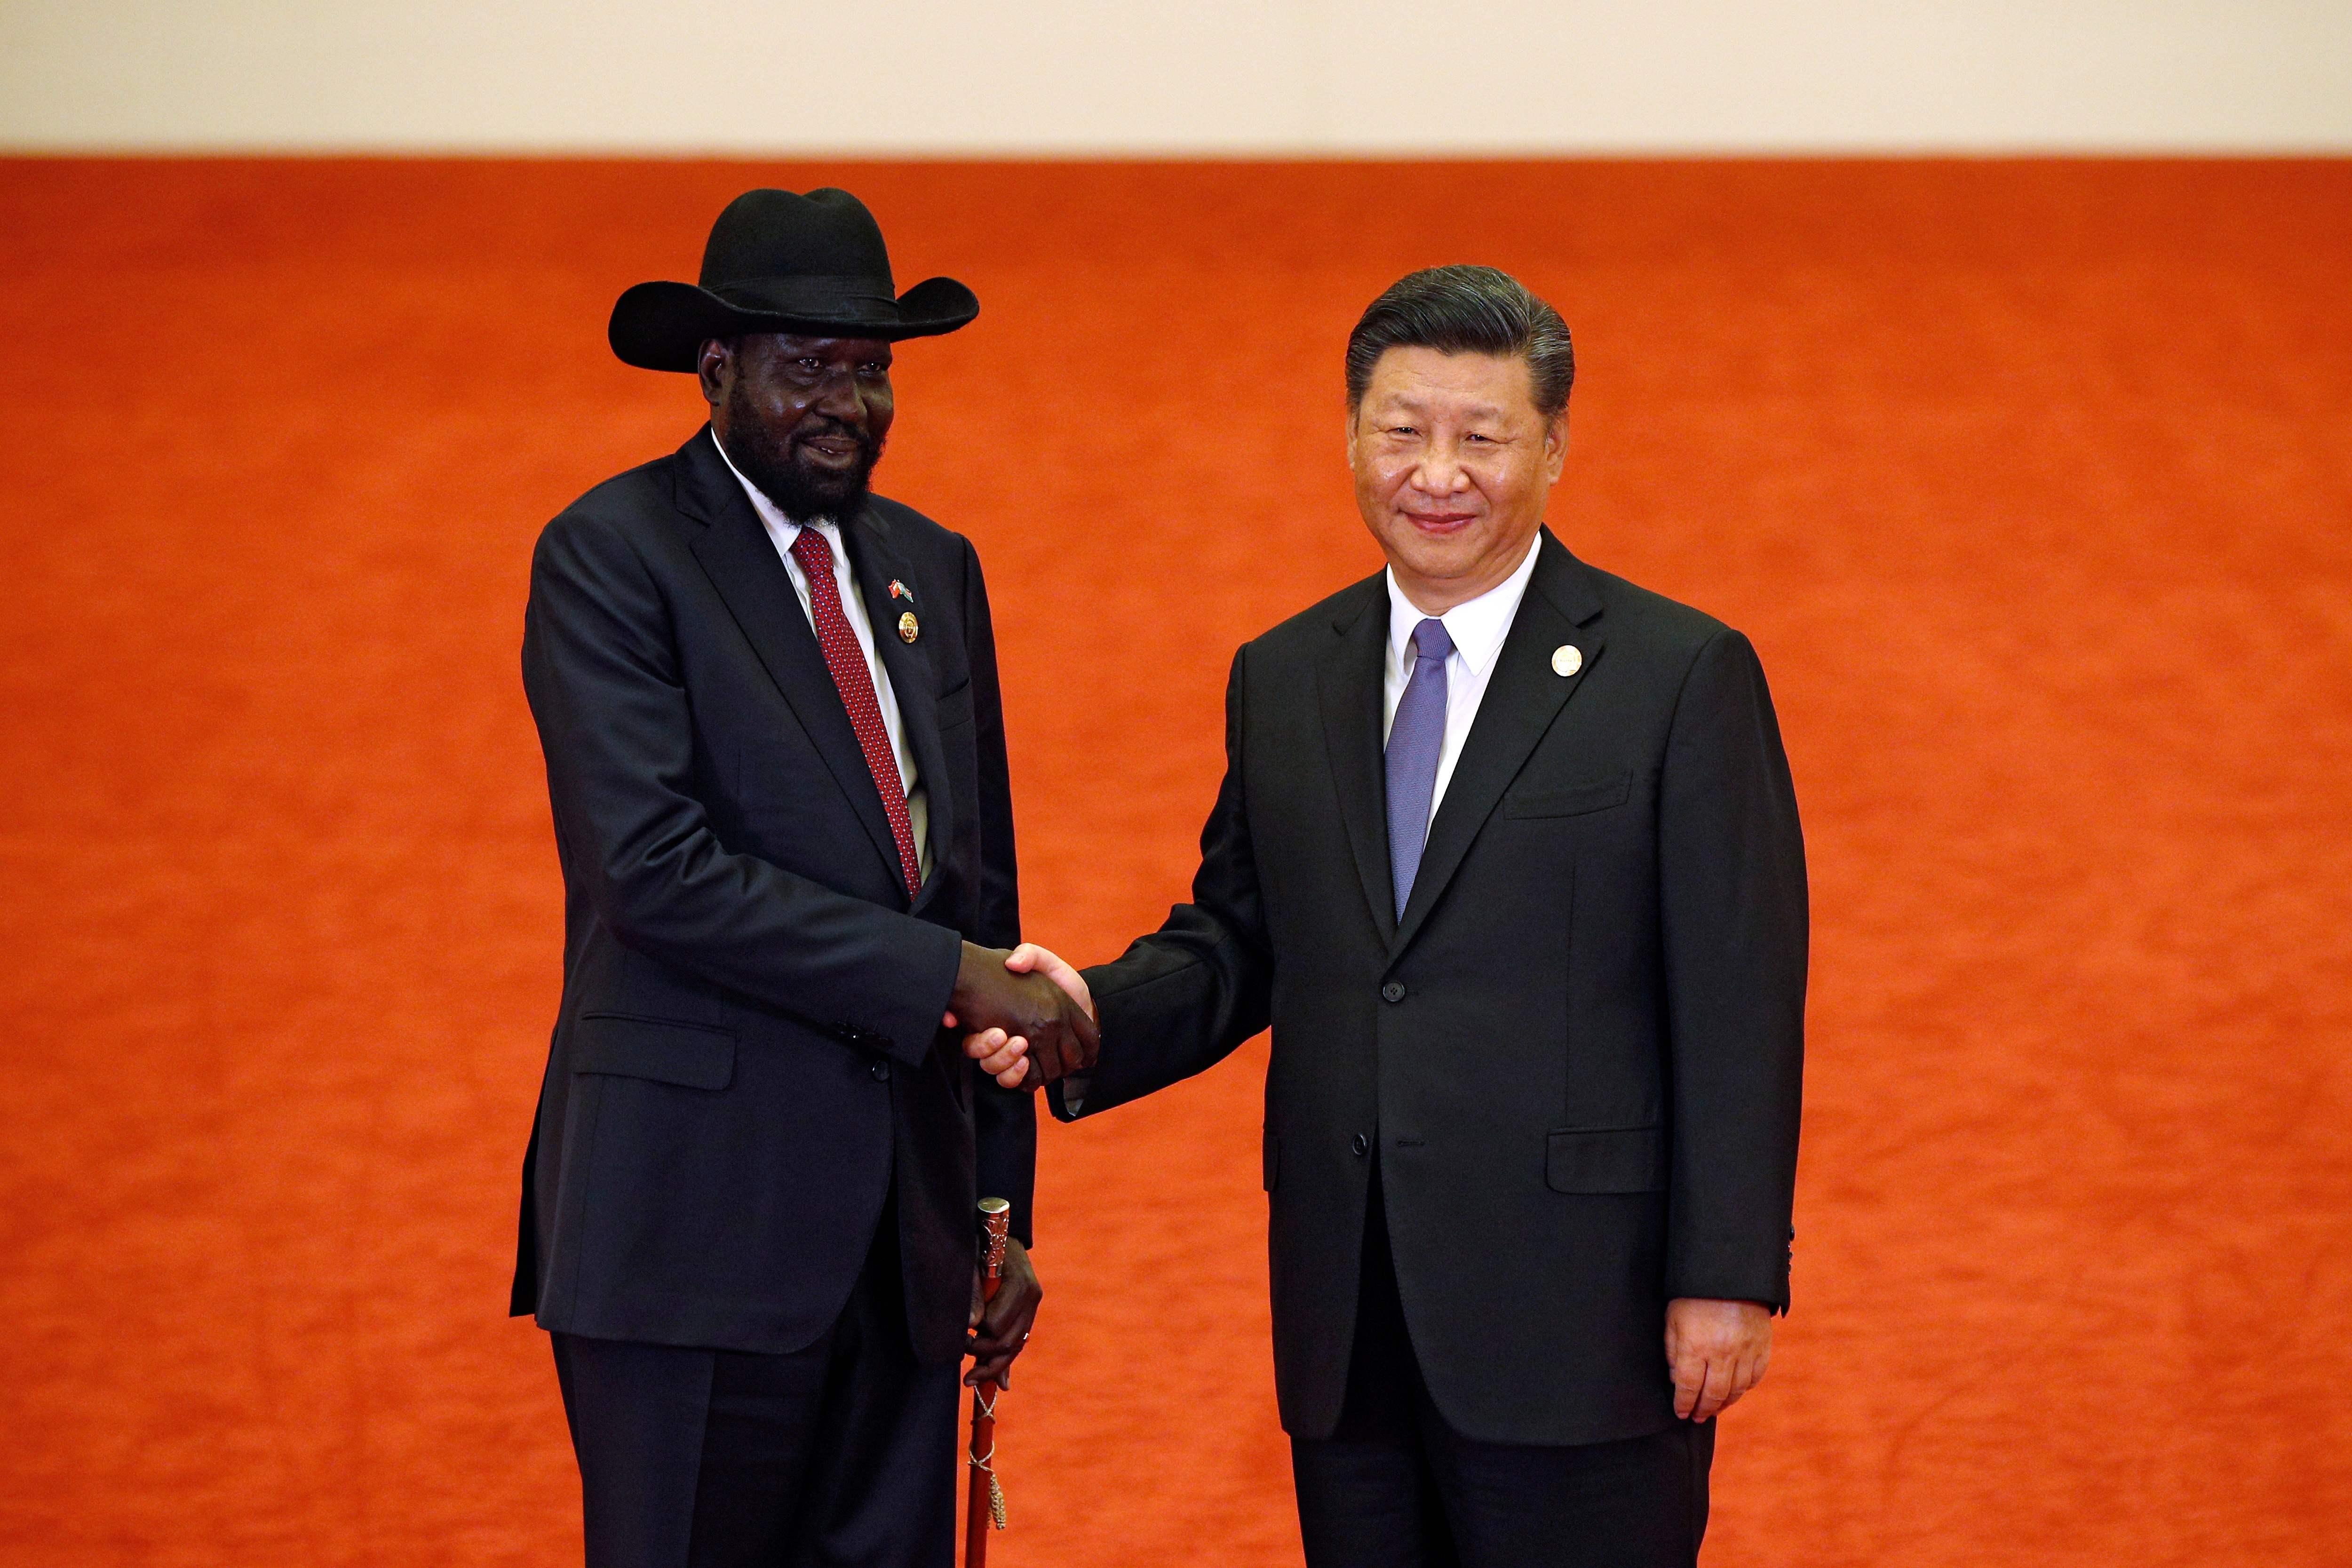 رئيس جنوب السودان ورئيس الصين